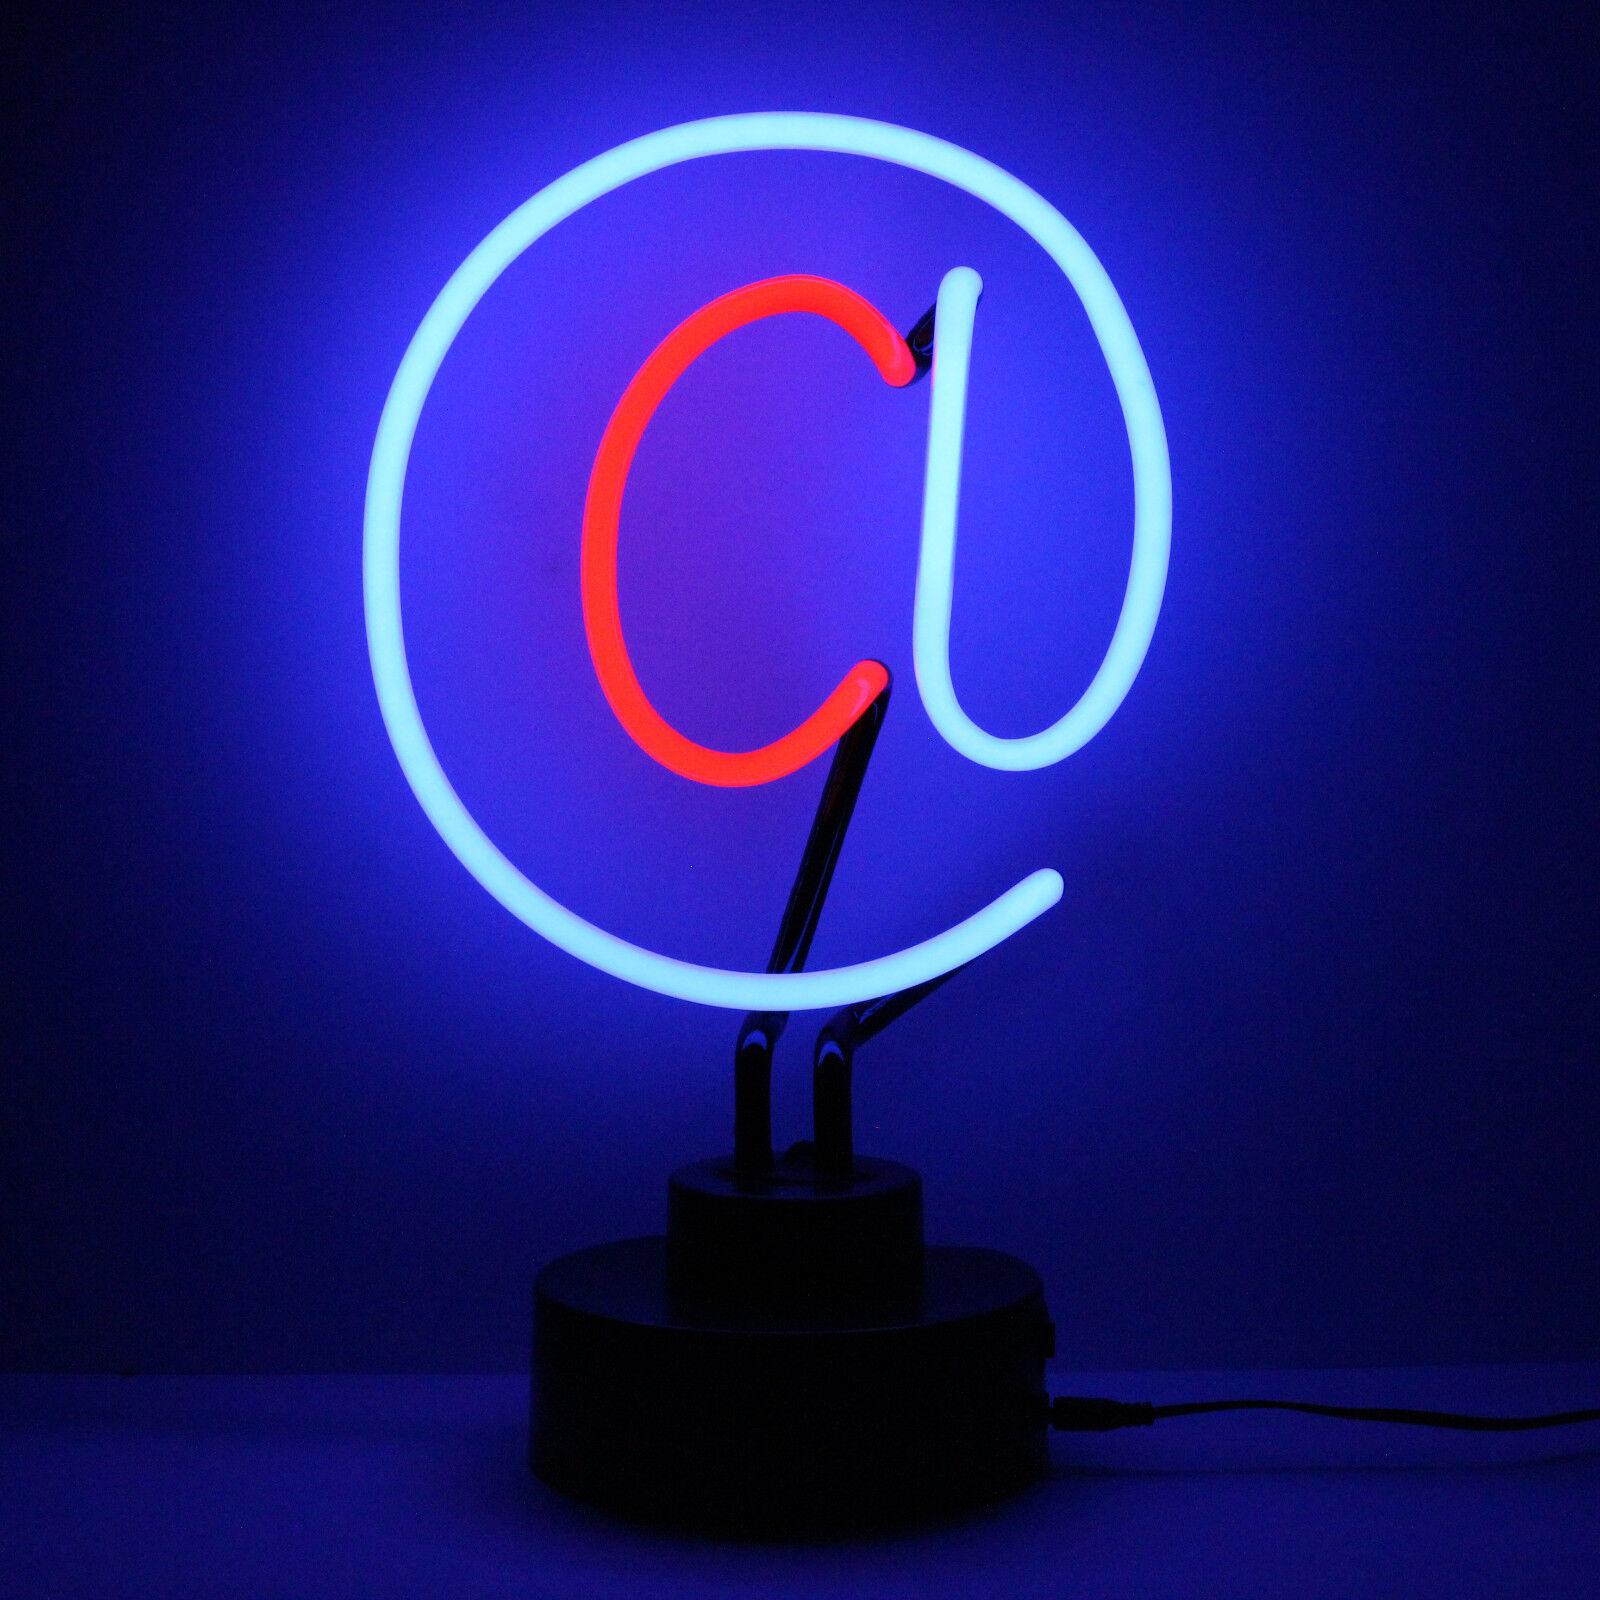 Neon De Decoration Interieur détails sur ordinateur de bureau lampe à symbole @ neon sculpture bureau  décoration table de nuit lumière uk- afficher le titre d'origine